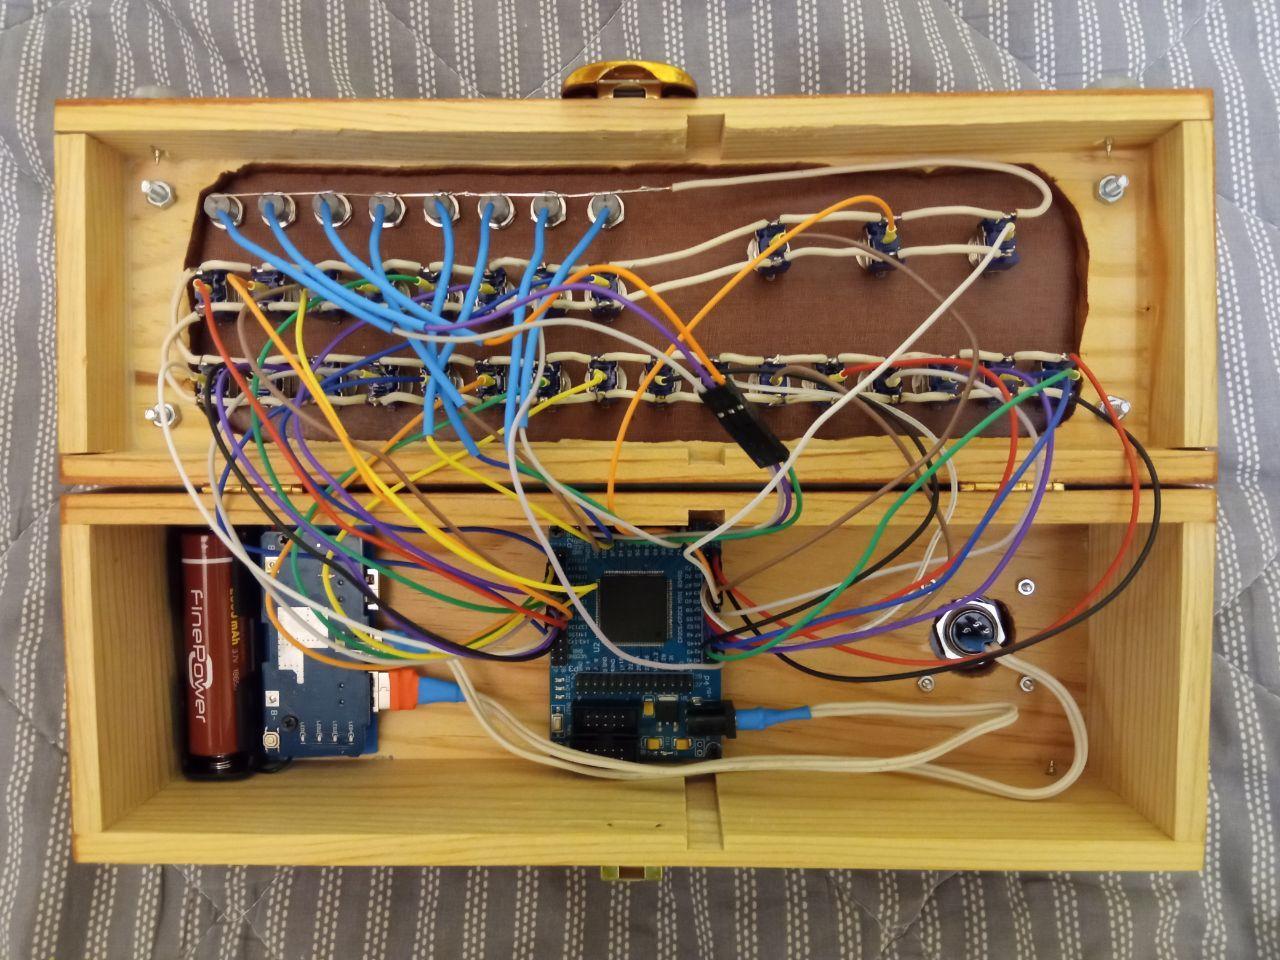 Реализация процессорной архитектуры из книги Чарльза Петцольда «Код. Тайный язык информатики» - 9